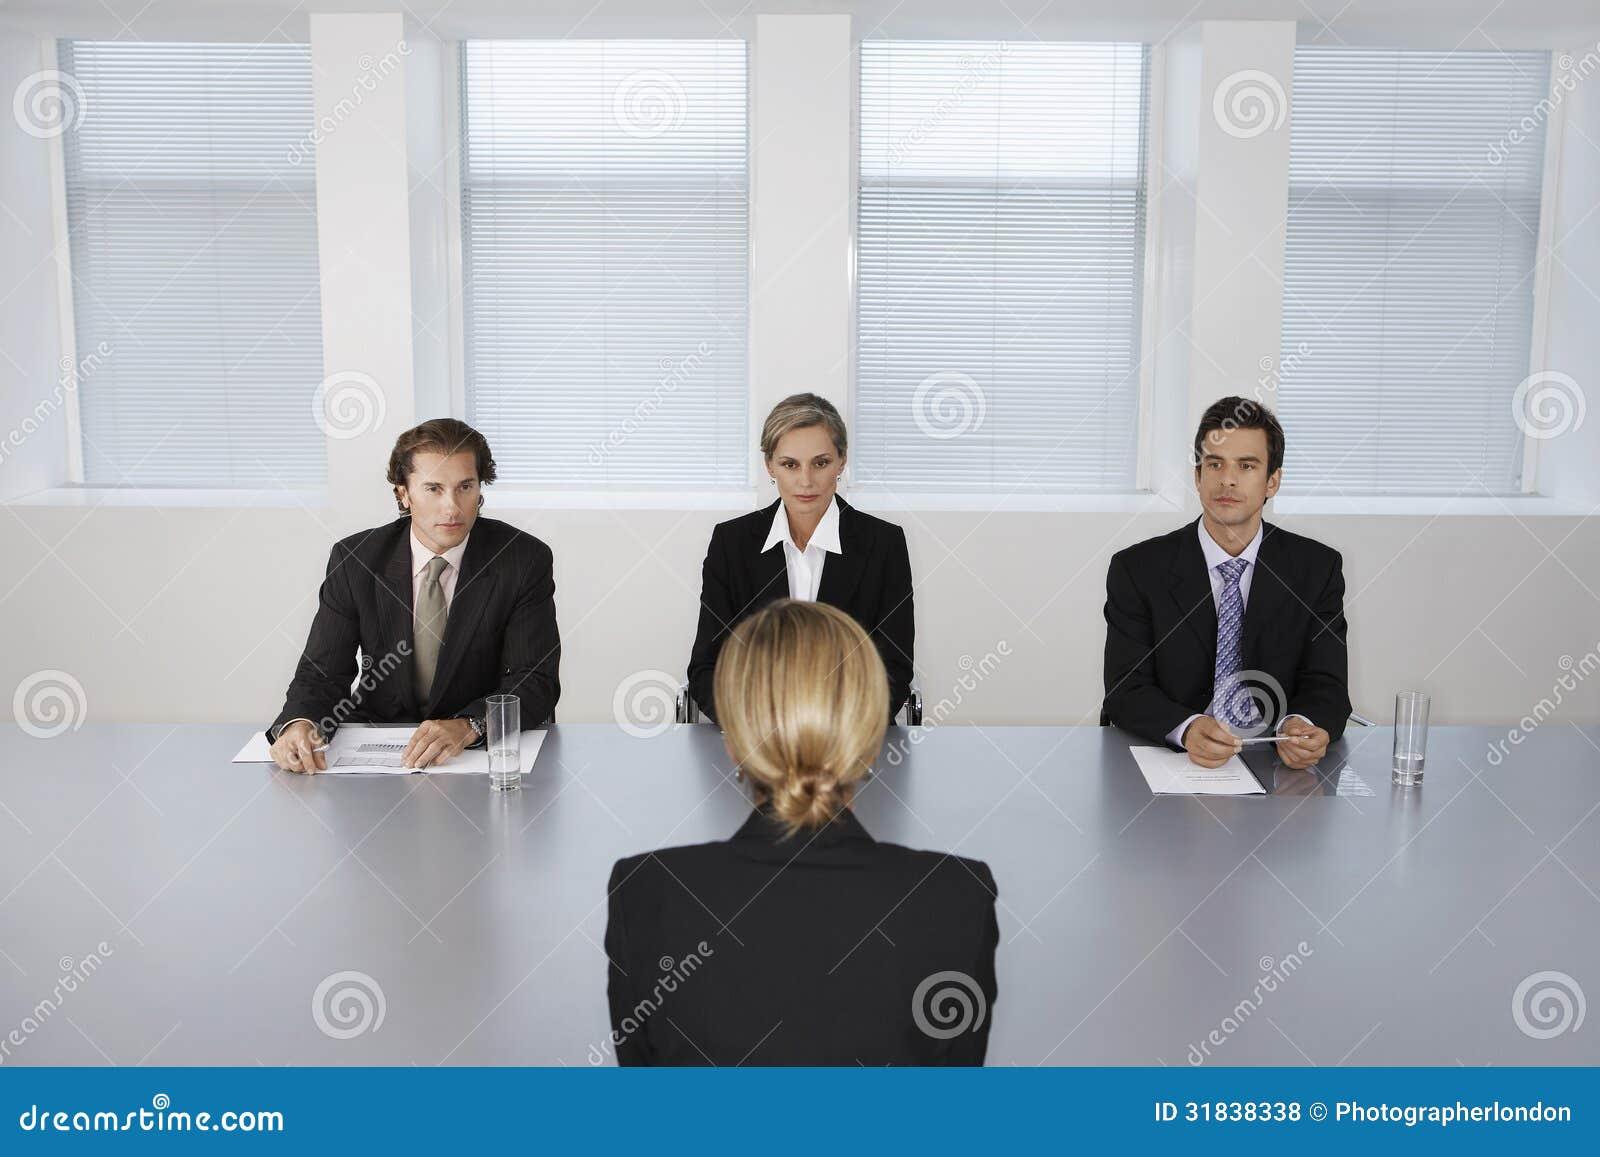 Mulher que está sendo entrevistada por executivos